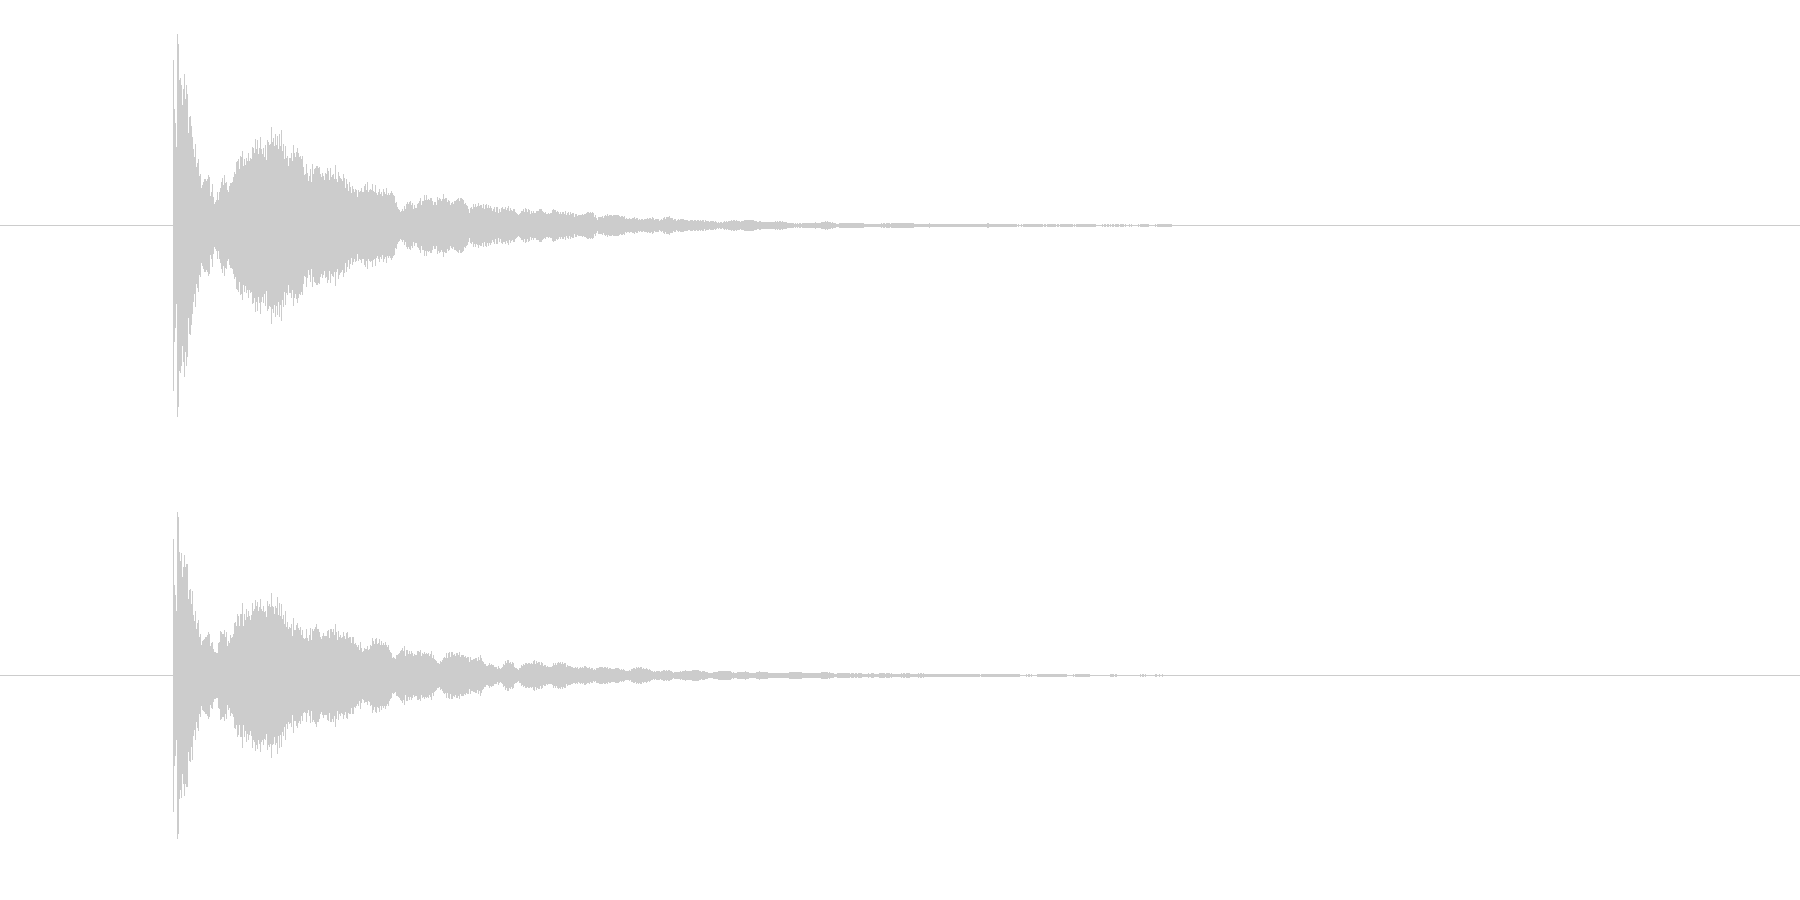 ピ~ン(余韻のあるシンプルな出題音)の未再生の波形